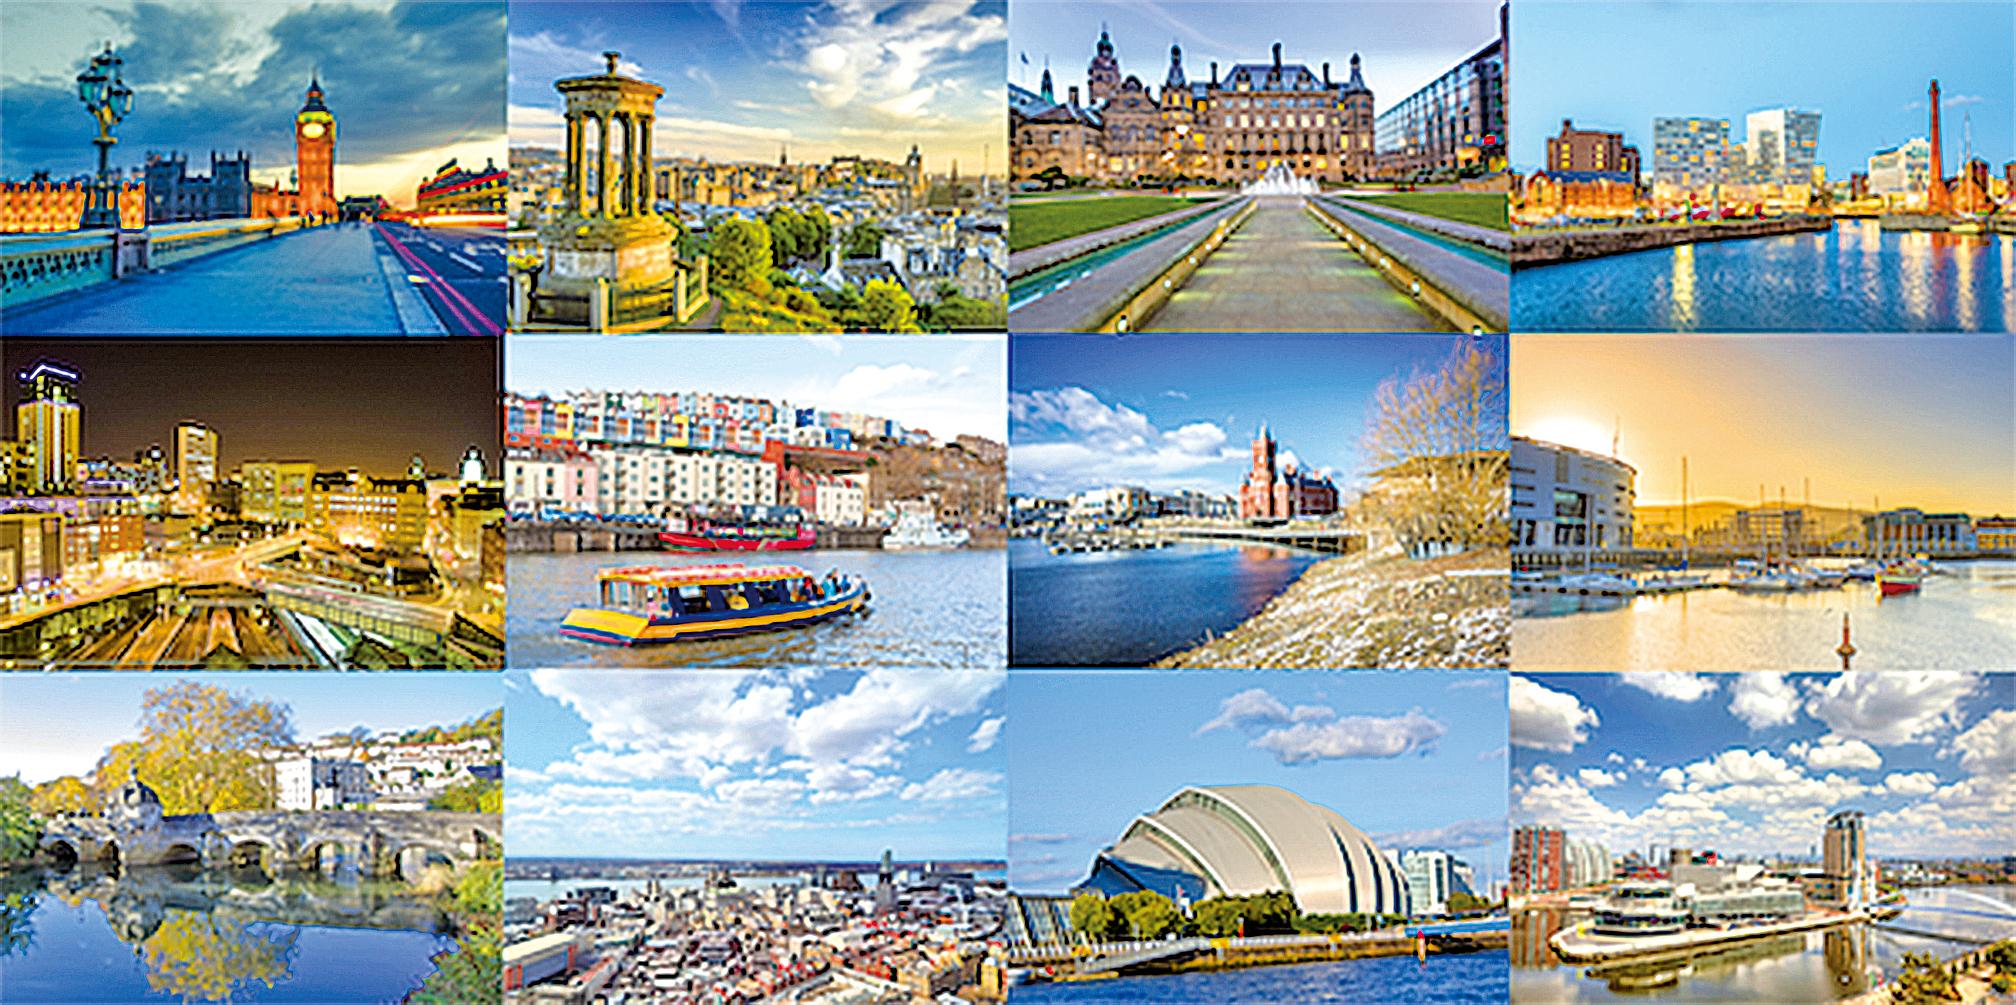 英國12大城市:愛丁堡、貝爾法斯特、伯明翰、布拉德福德、布里斯托爾、卡迪夫、格拉斯哥、利茲、利物浦、倫敦、曼徹斯特和謝菲爾德。(大紀元合成圖片)